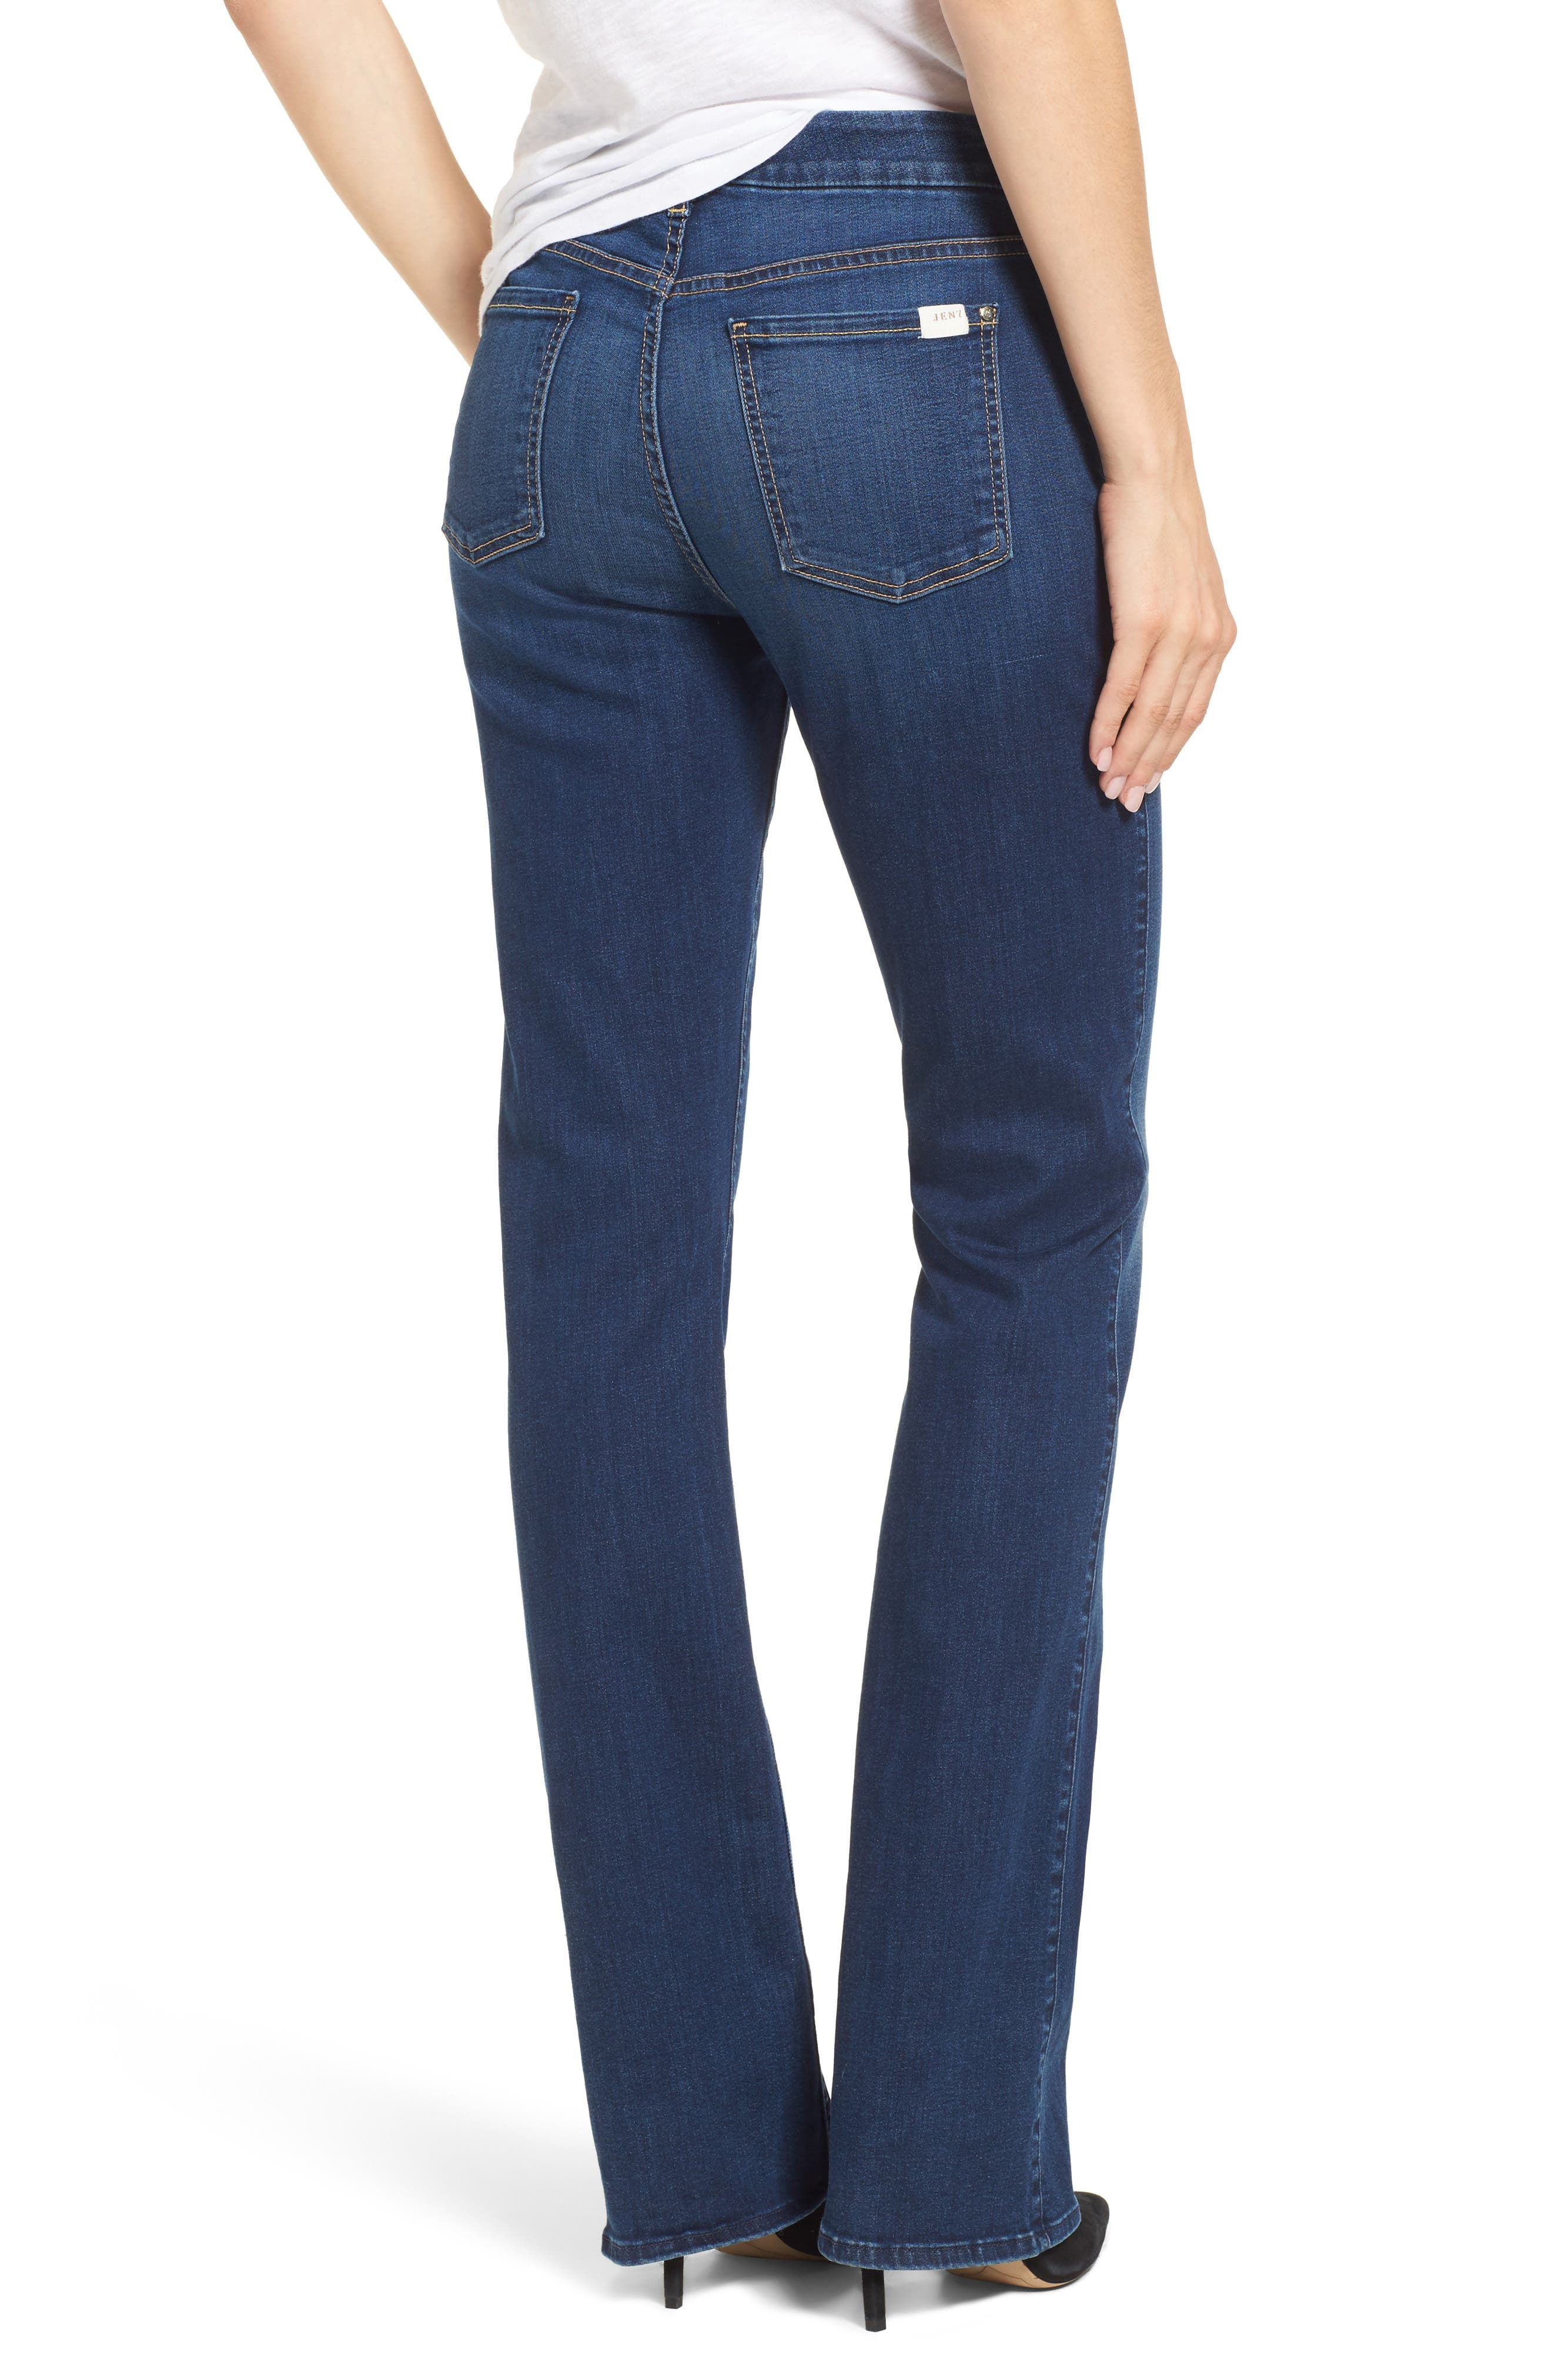 b944638fbf5d Women s JEN7 By 7 For All Mankind Jeans   Denim